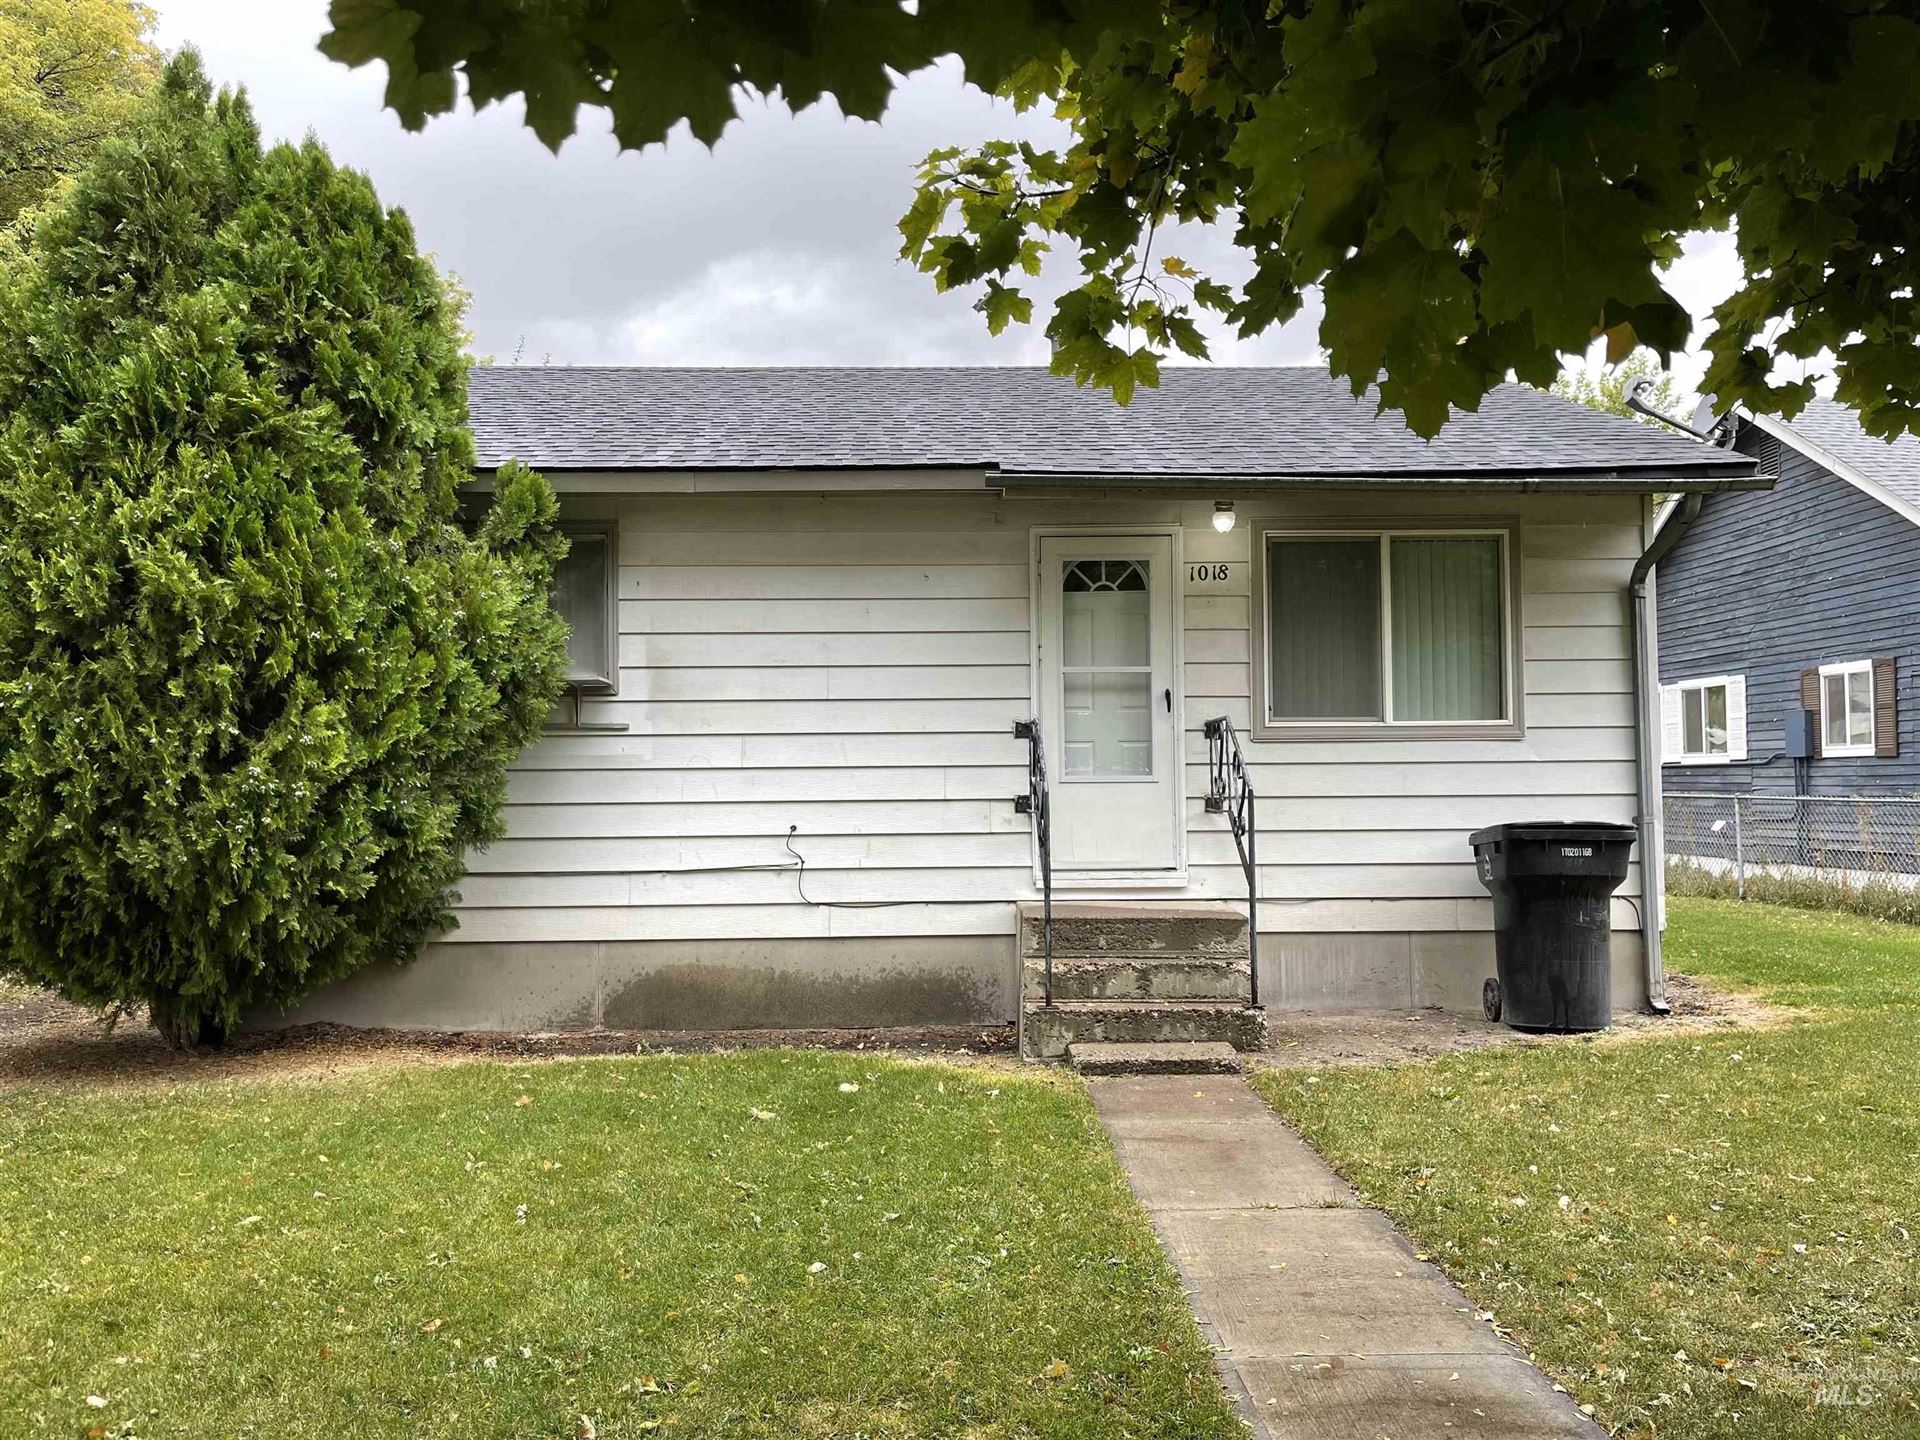 1018 Schodde Ave., Burley, ID 83318 - MLS#: 98822784